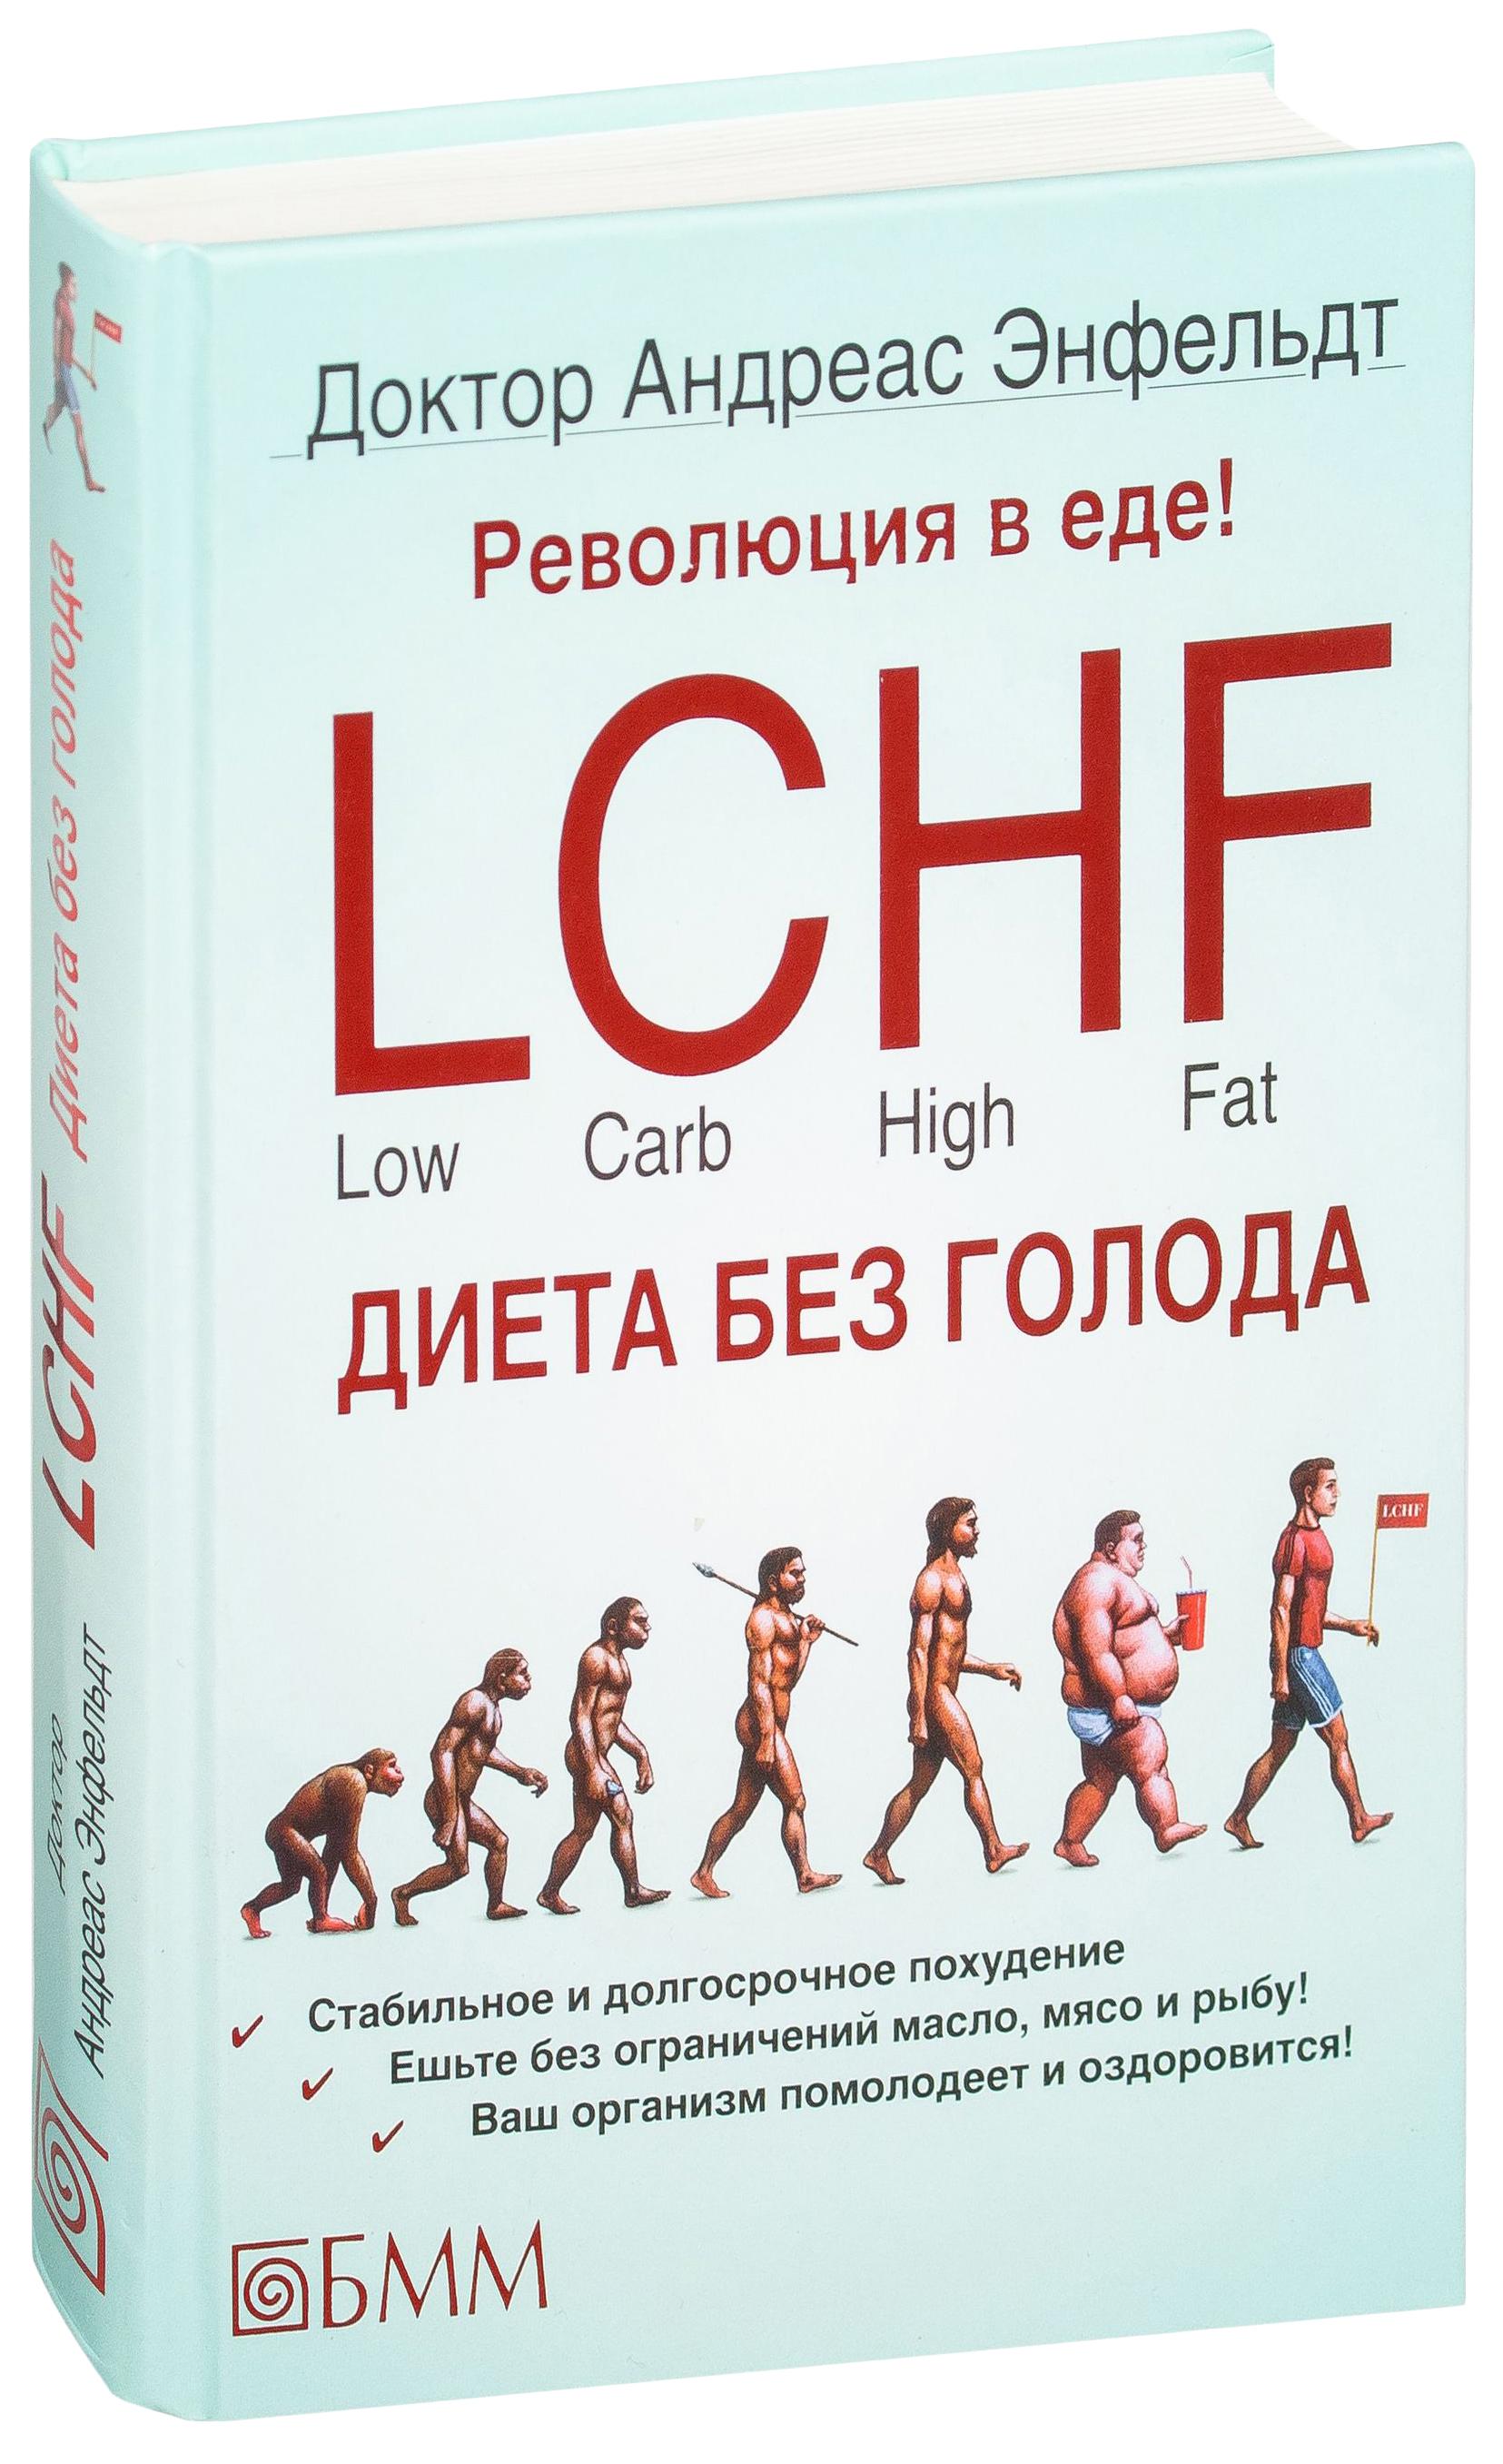 Строгая Диета Lchf Сжигание Жира Быстрое. Низкоуглеводная LCHF-диета: что это, меню на неделю, отзывы